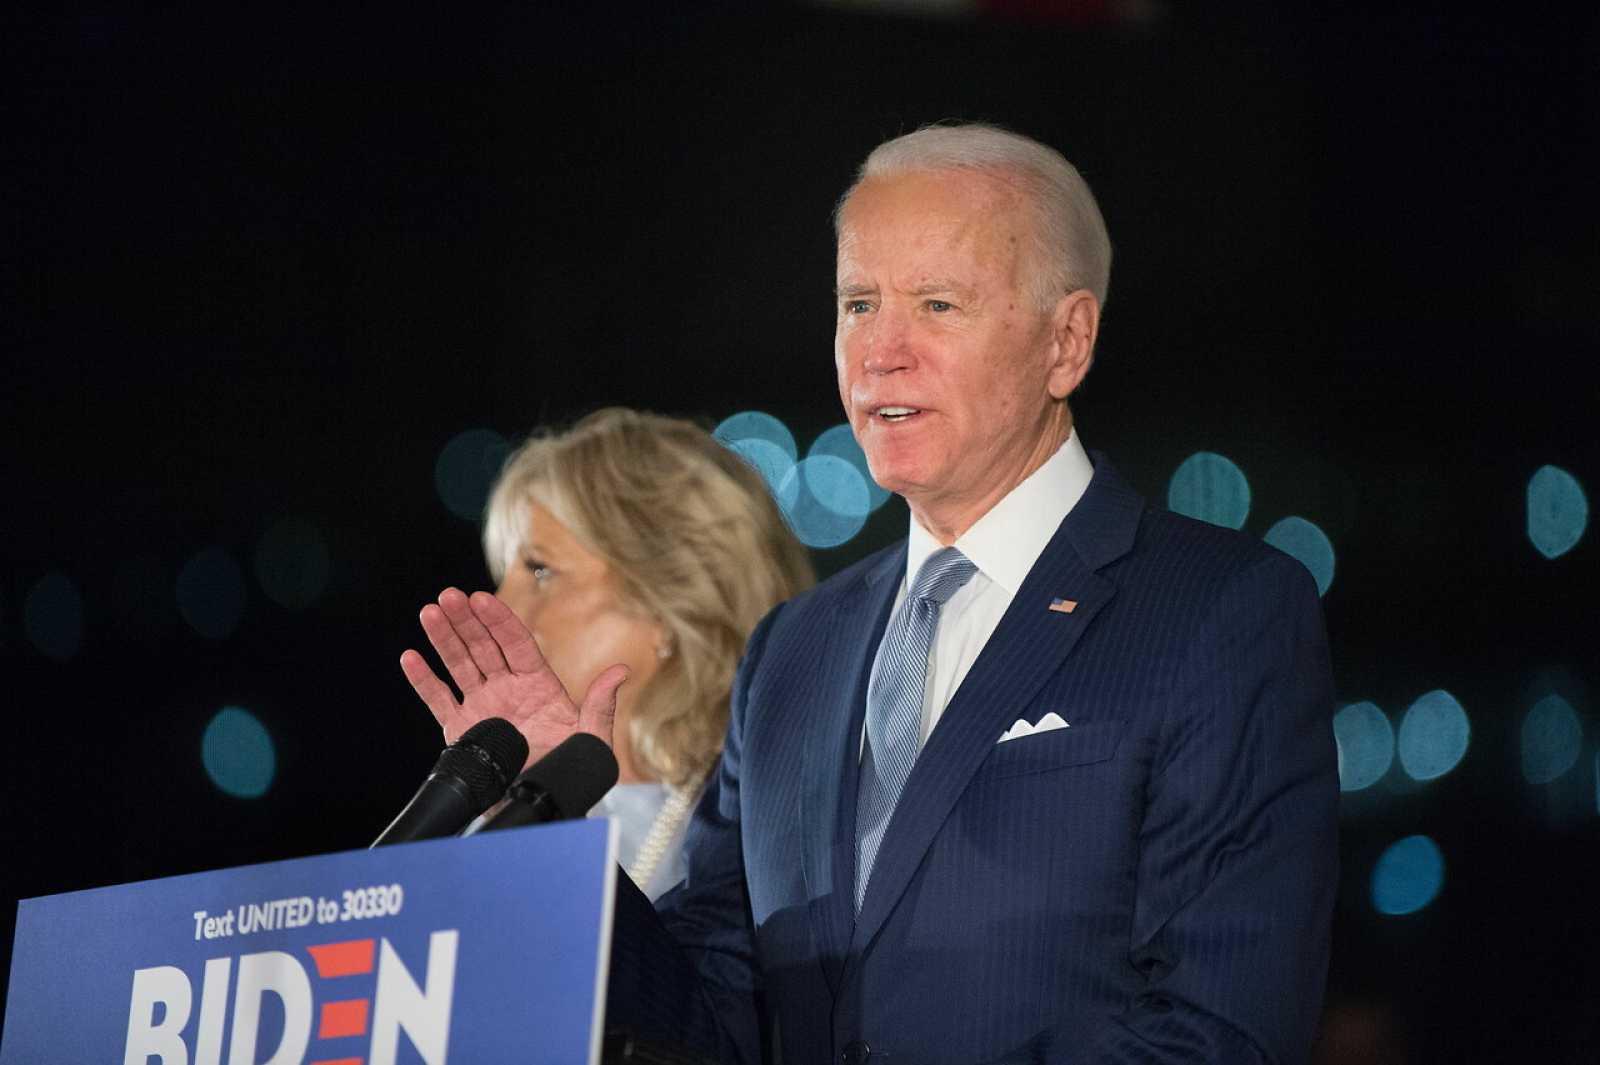 El candidato demócrata Joe Biden durante un evento en Pensilvania